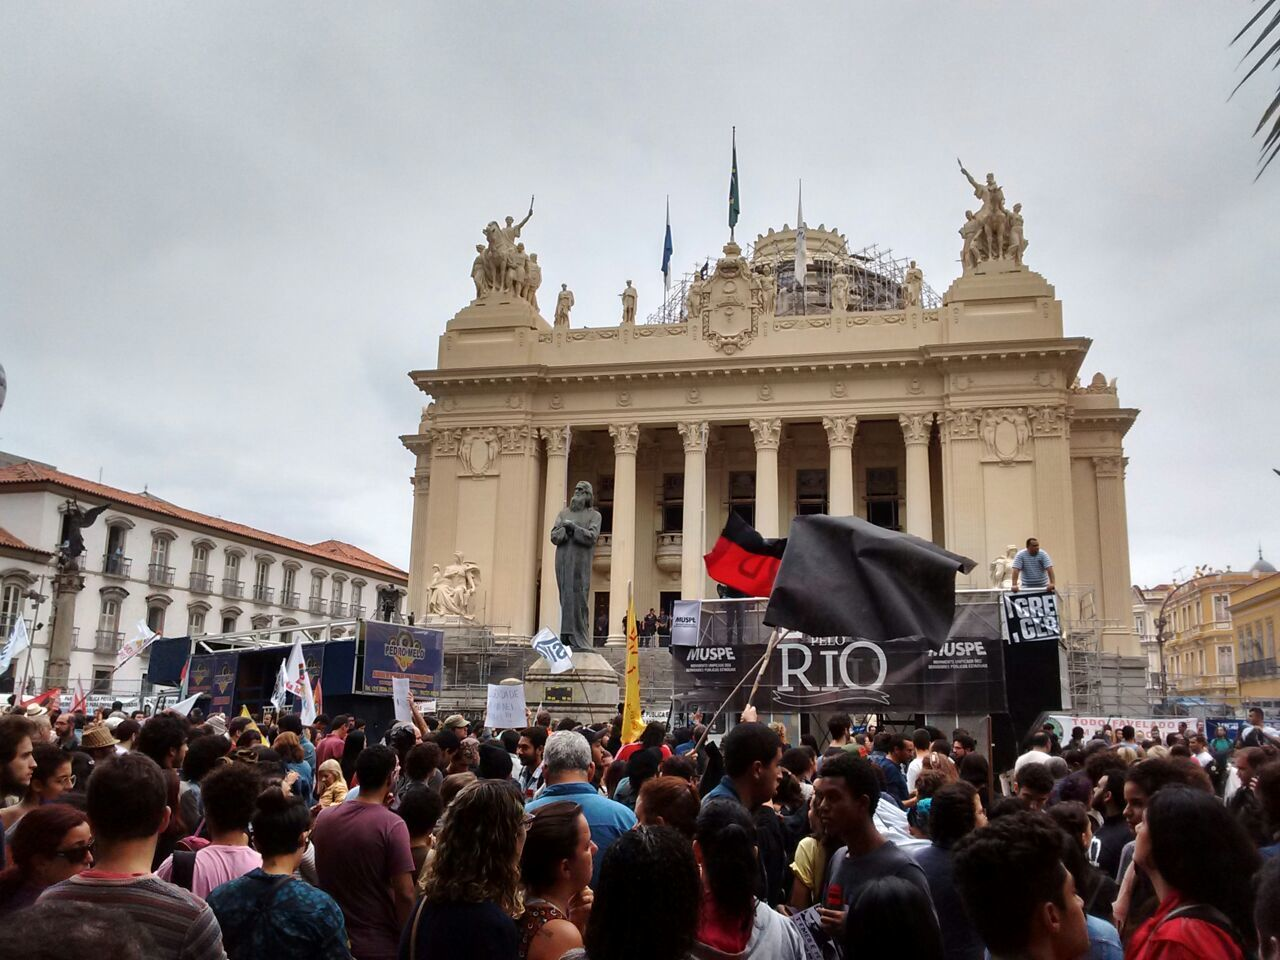 Manifestantes se unem em protesto no Rio de Janeiro (RJ)